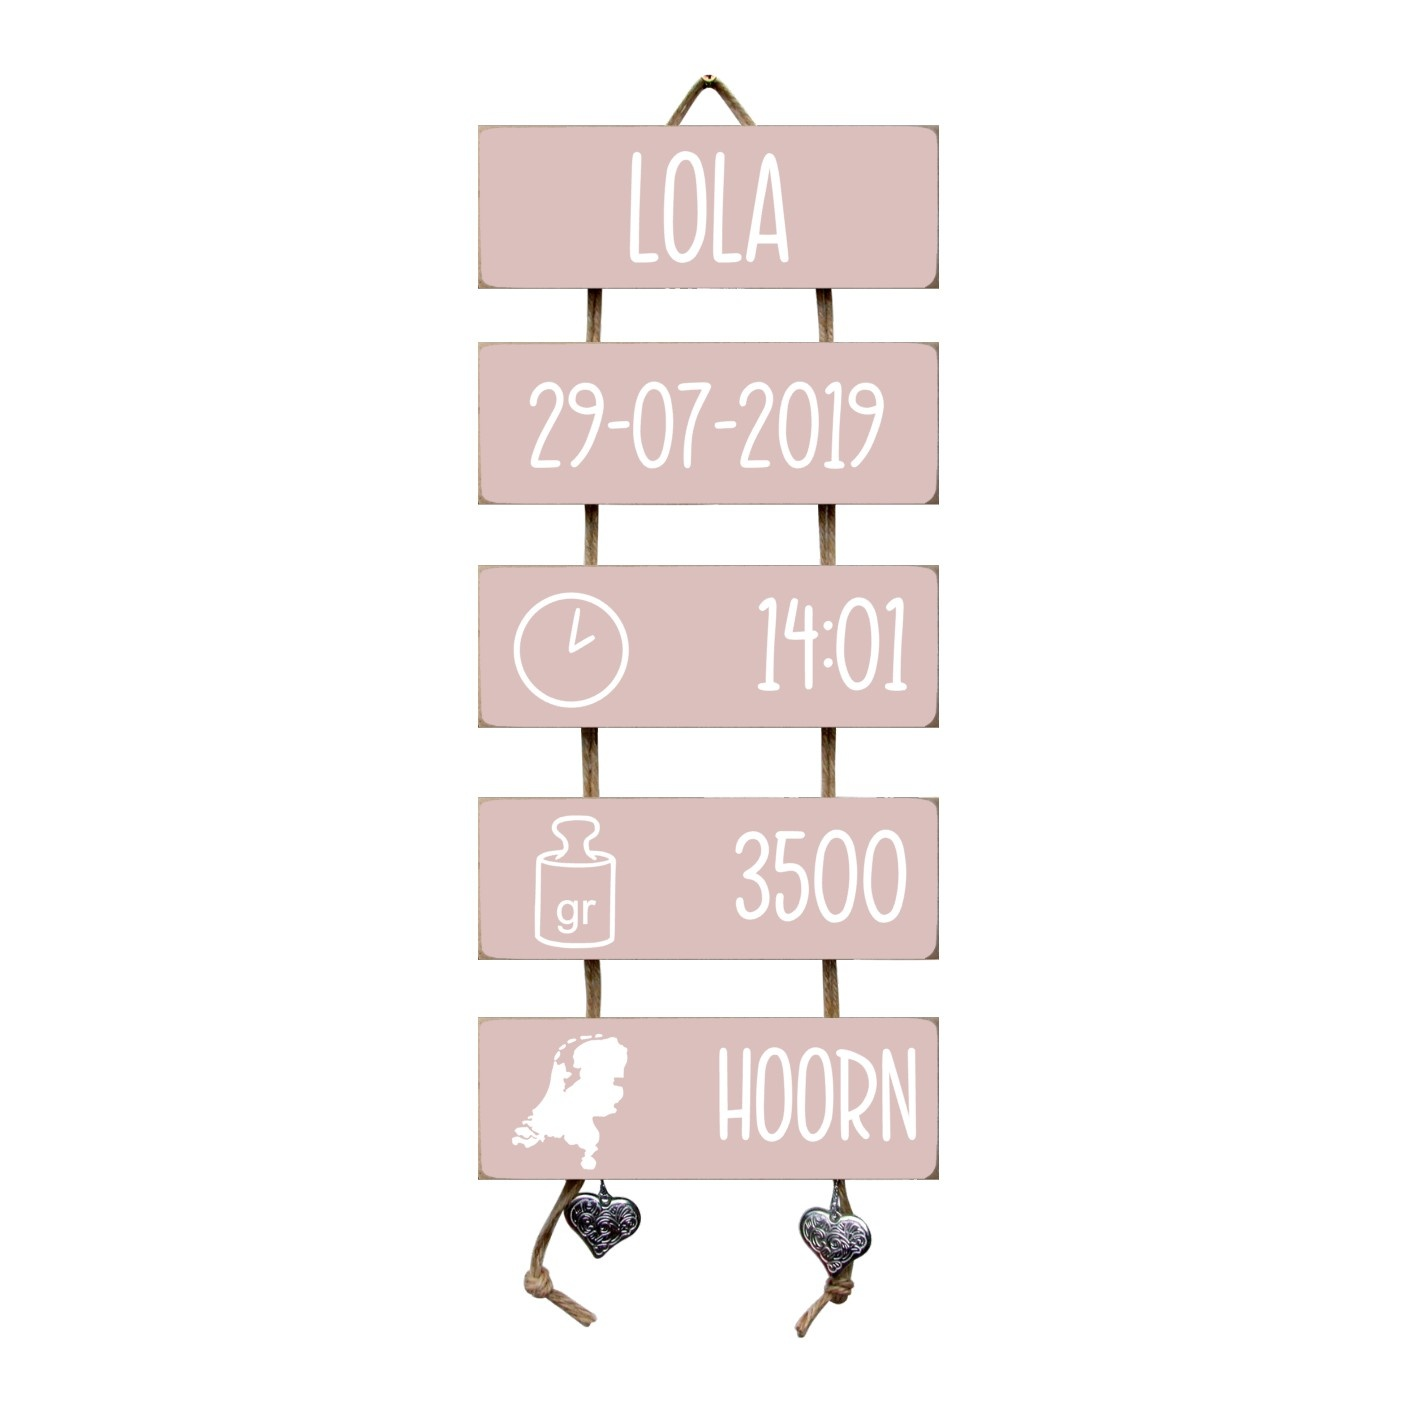 Kraamcadeau Geboorteladder Lola lichtroze